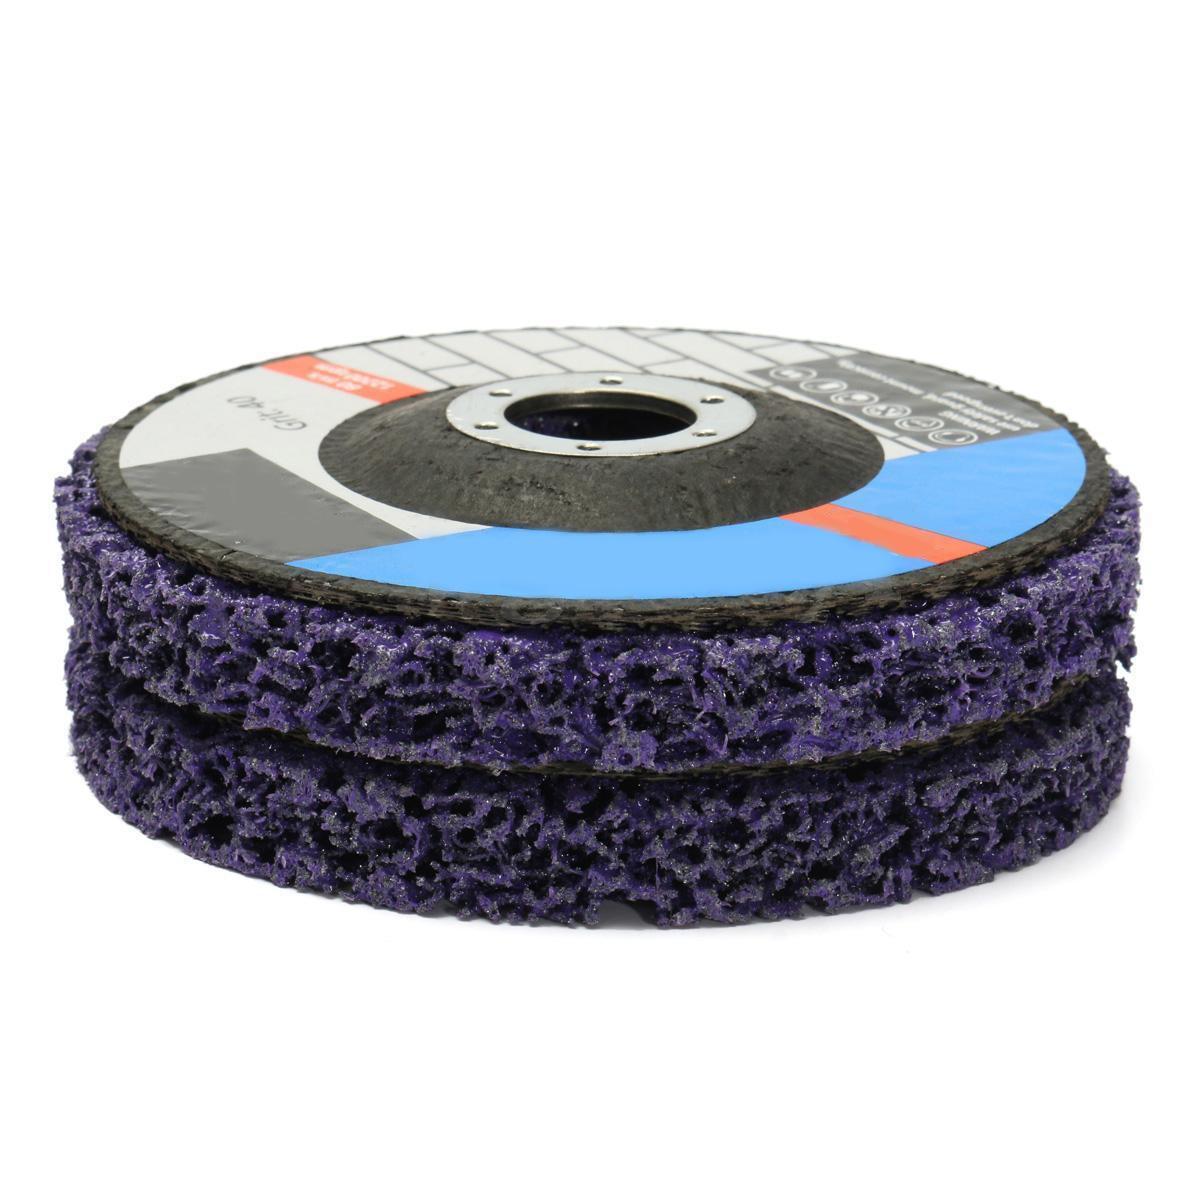 2 шт. 125 мм Поли полосы диск абразивный колеса Краски удаления ржавчины чистке mayitr для Болгарки